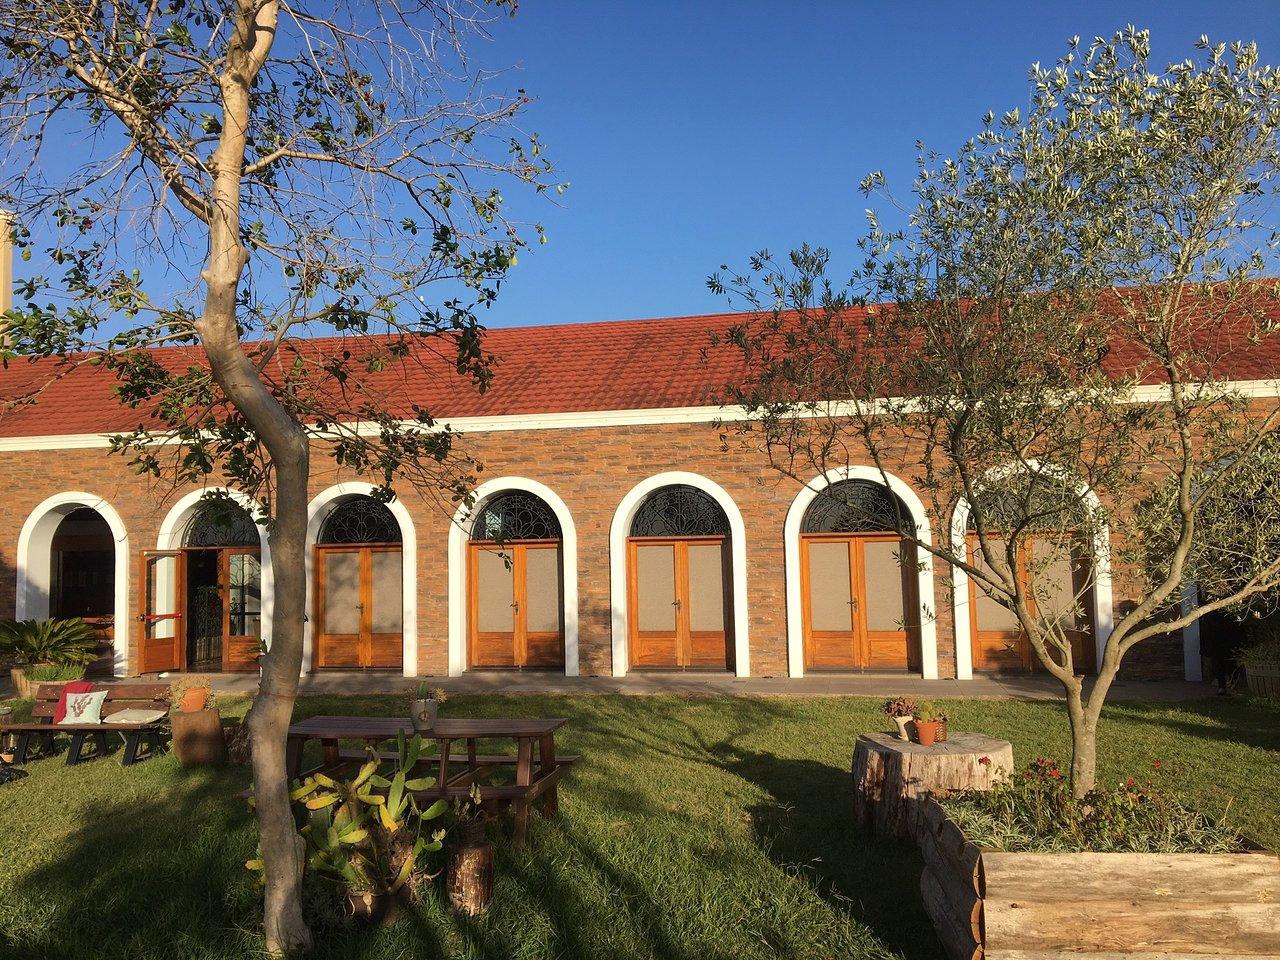 Dom Pedrito Rio Grande do Sul fonte: media-cdn.tripadvisor.com